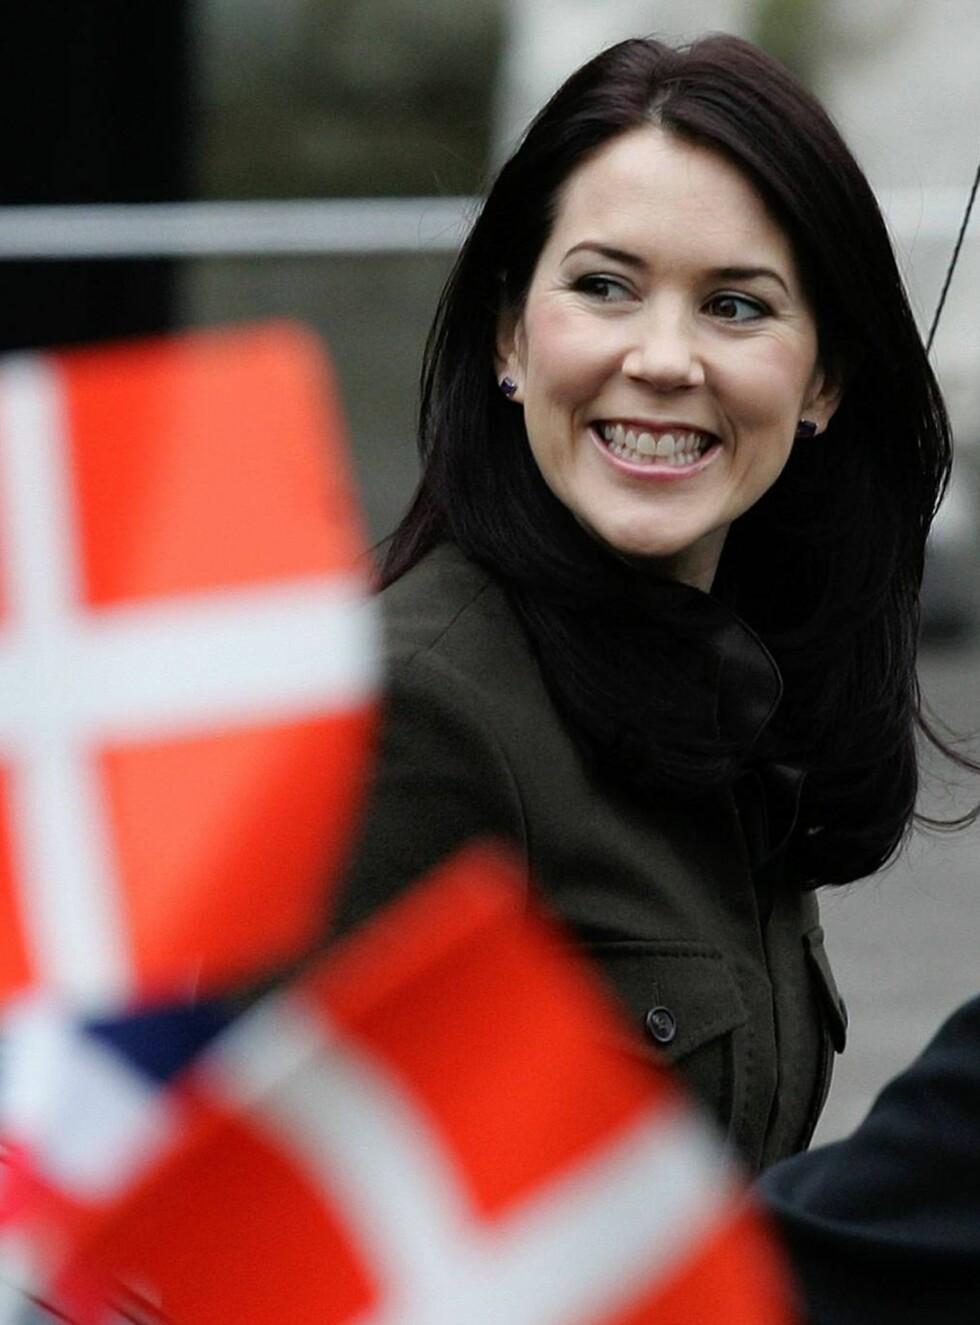 PÅ VEI OPP: Mary er fjerde mest populær av de danske kongelige. Når slår hun ektemannen? Foto: AP/SCANPIX